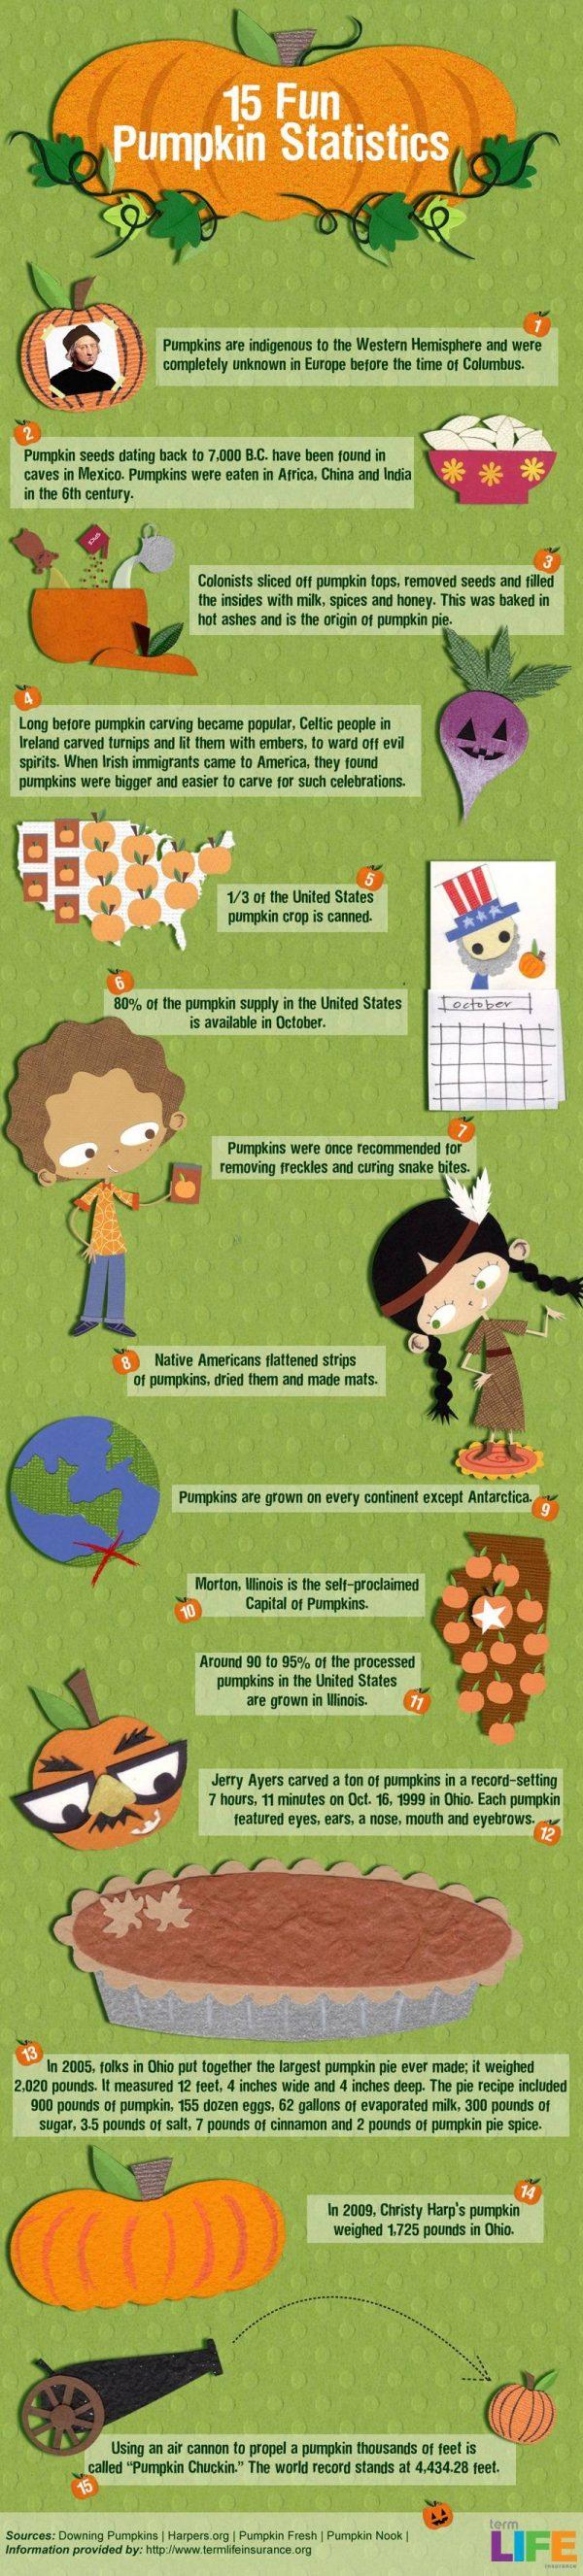 15 Fun Facts & Statistics About Pumpkins